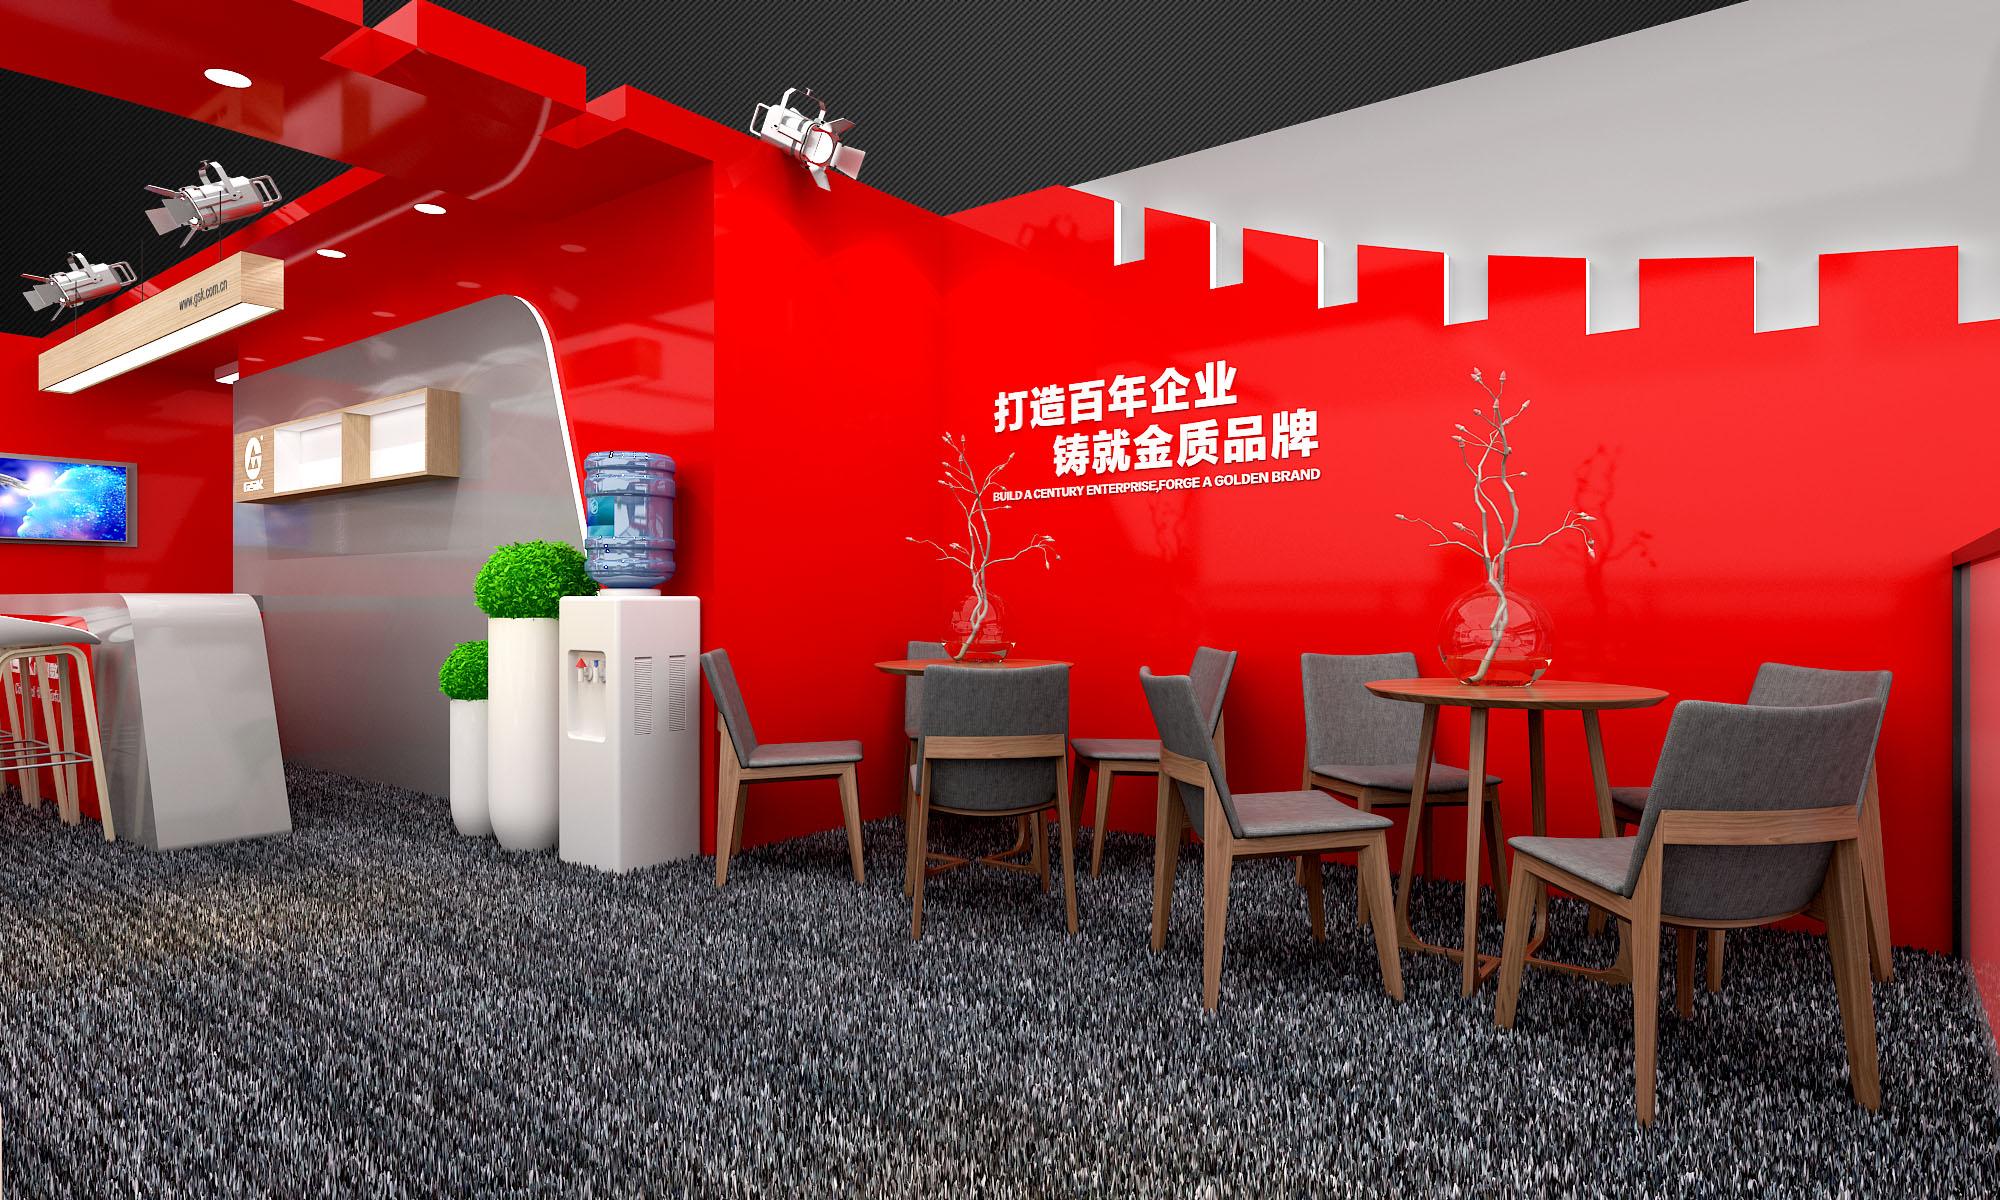 广州数控展台设计搭建方案的接待区展示图